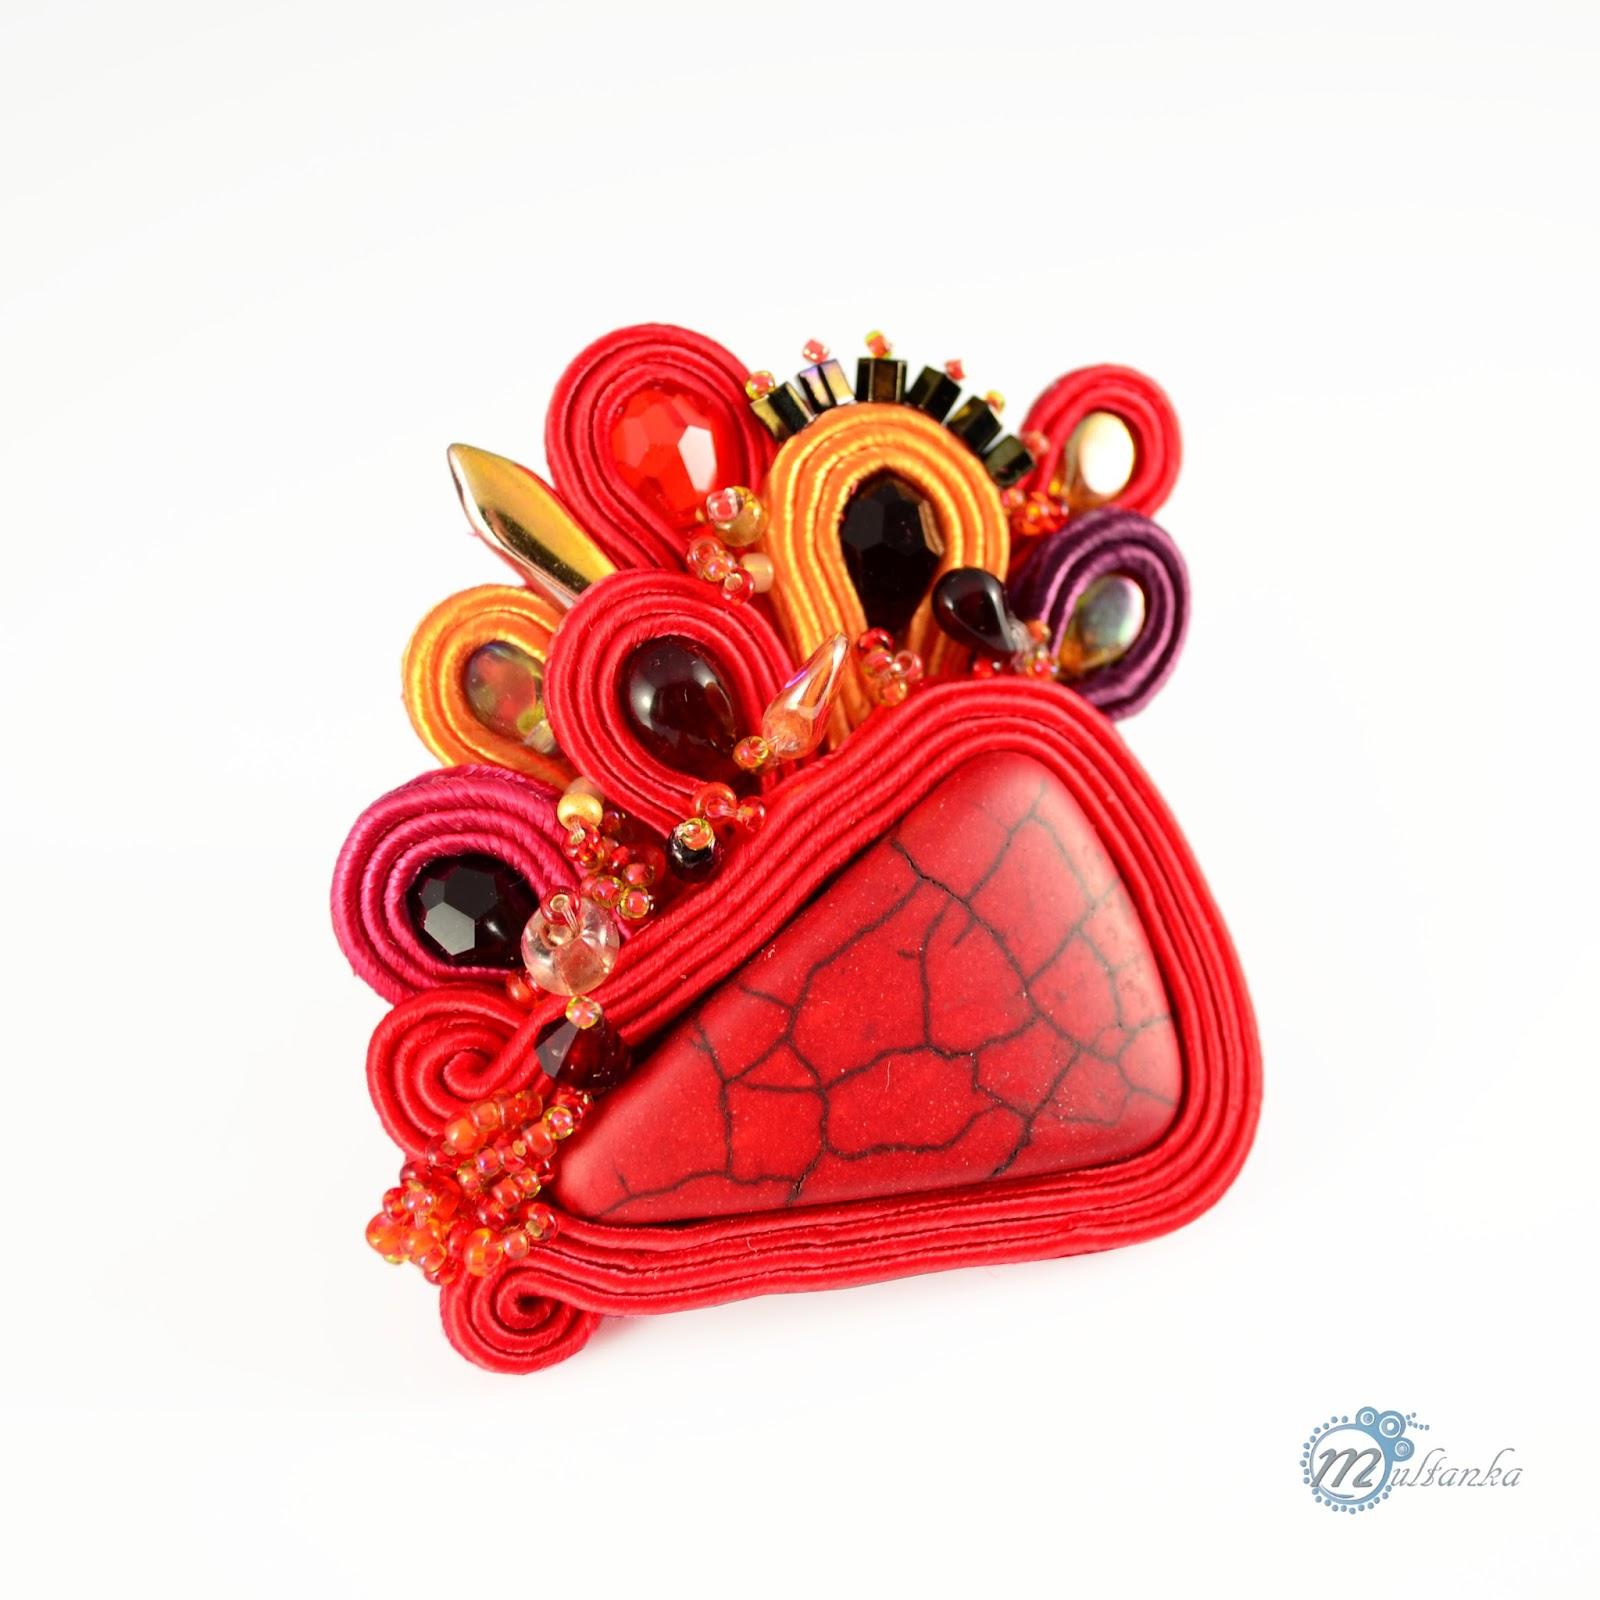 Ogniście czerwona broszka uszyta w technice haftu soutache. Wykonanie - multanka.